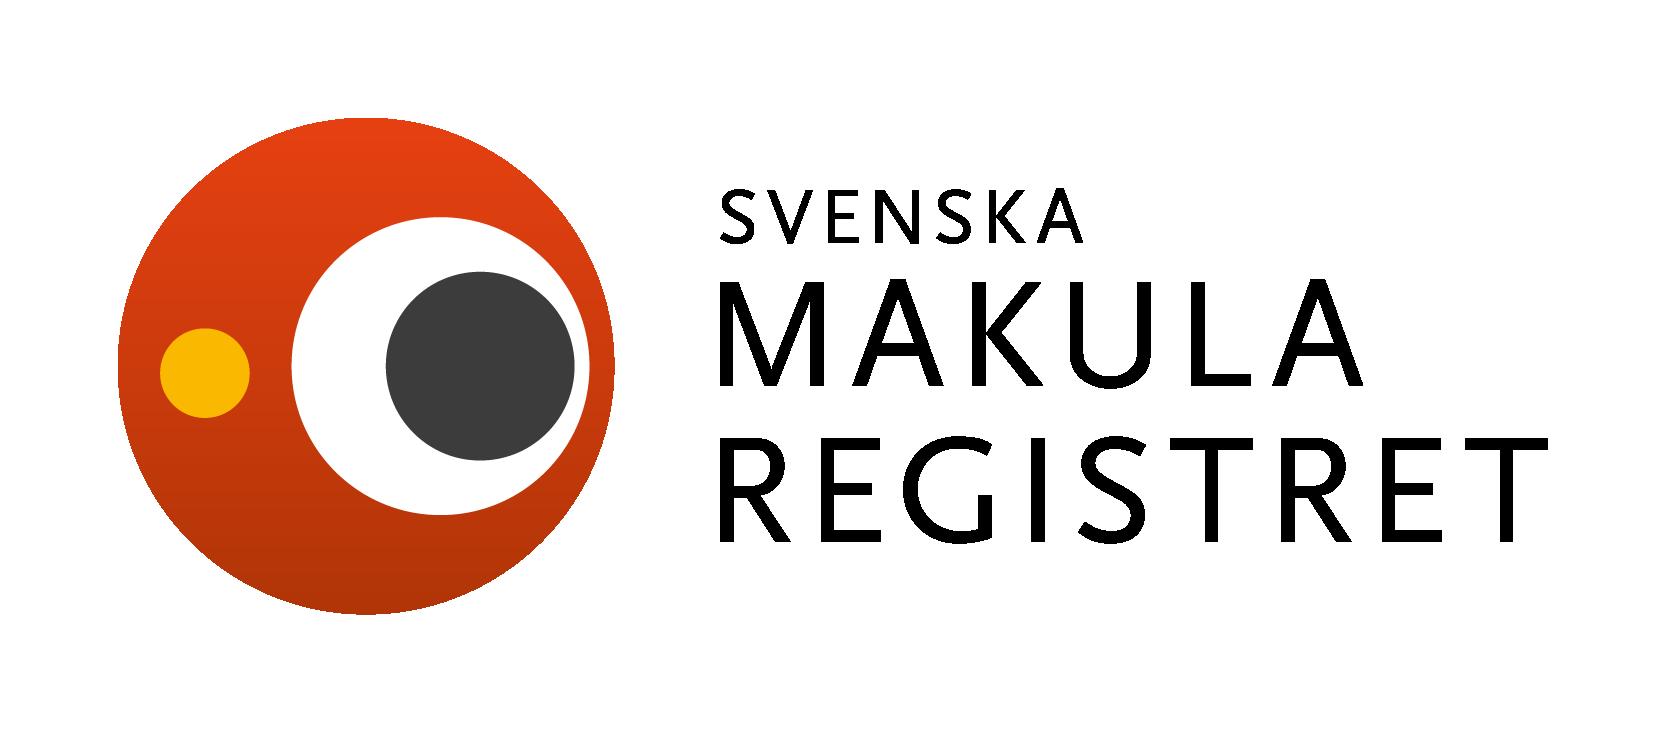 Logotyp för Svenska Makularegistret.